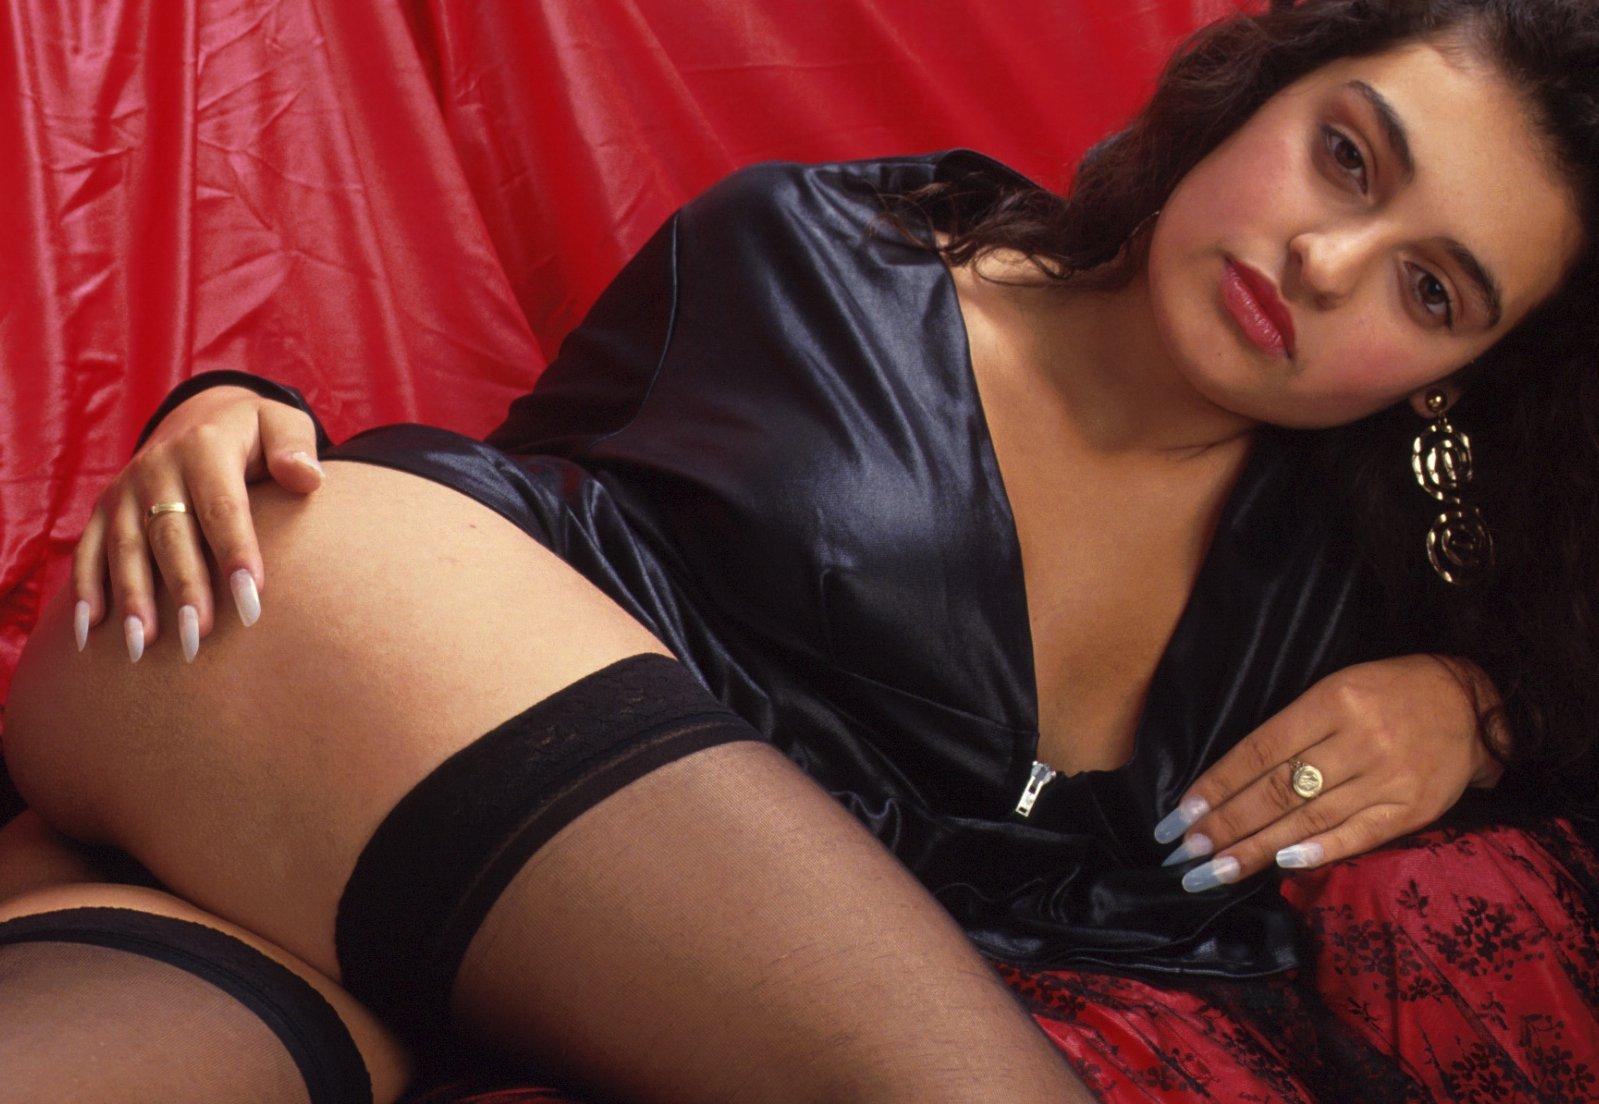 Реальный секс арабку трахает мул порноролик без регистрации